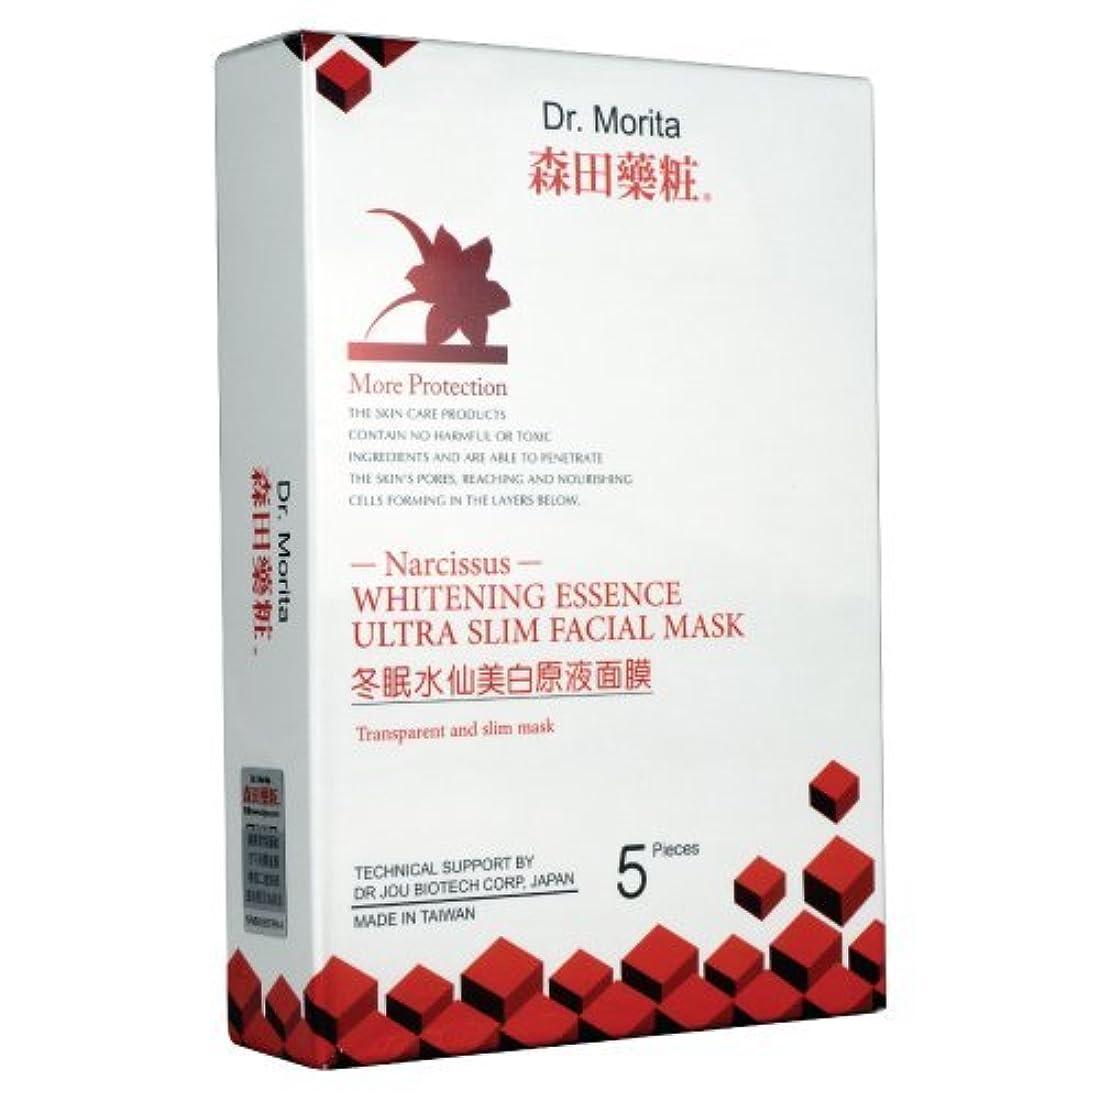 インセンティブロゴ絶対のDoctor Morita ナルシス白いマスク-5薄い皮膚の傷に、皮膚若々しく、健康な状態を保つ美白含まれています